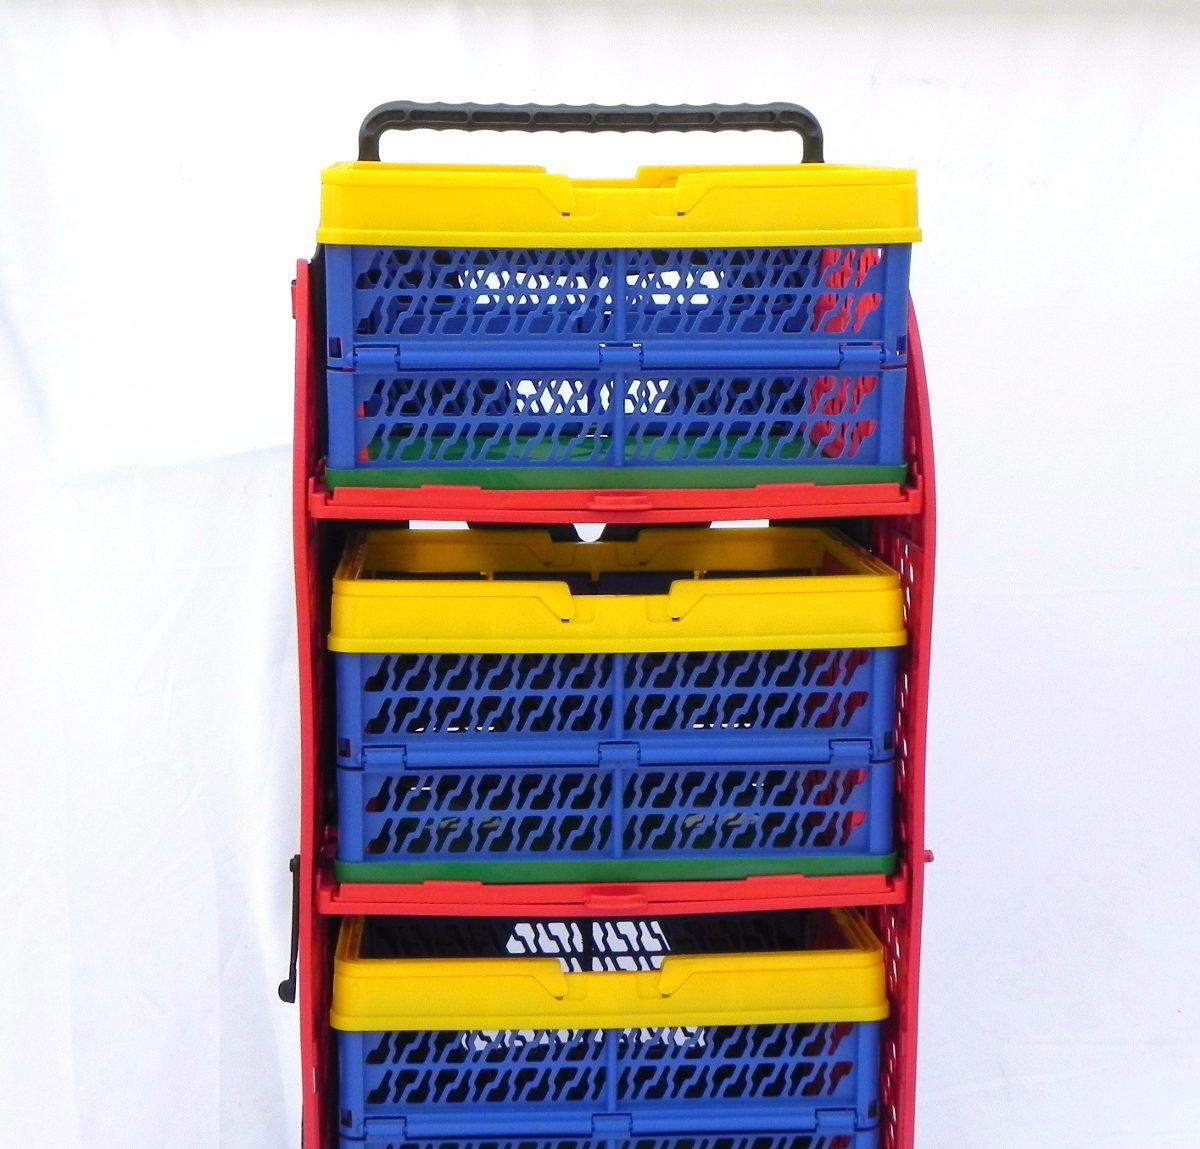 aa4a50f1f415 Carrinho De Compras Desmontável Multiuso - R$ 292,00 em Mercado Livre